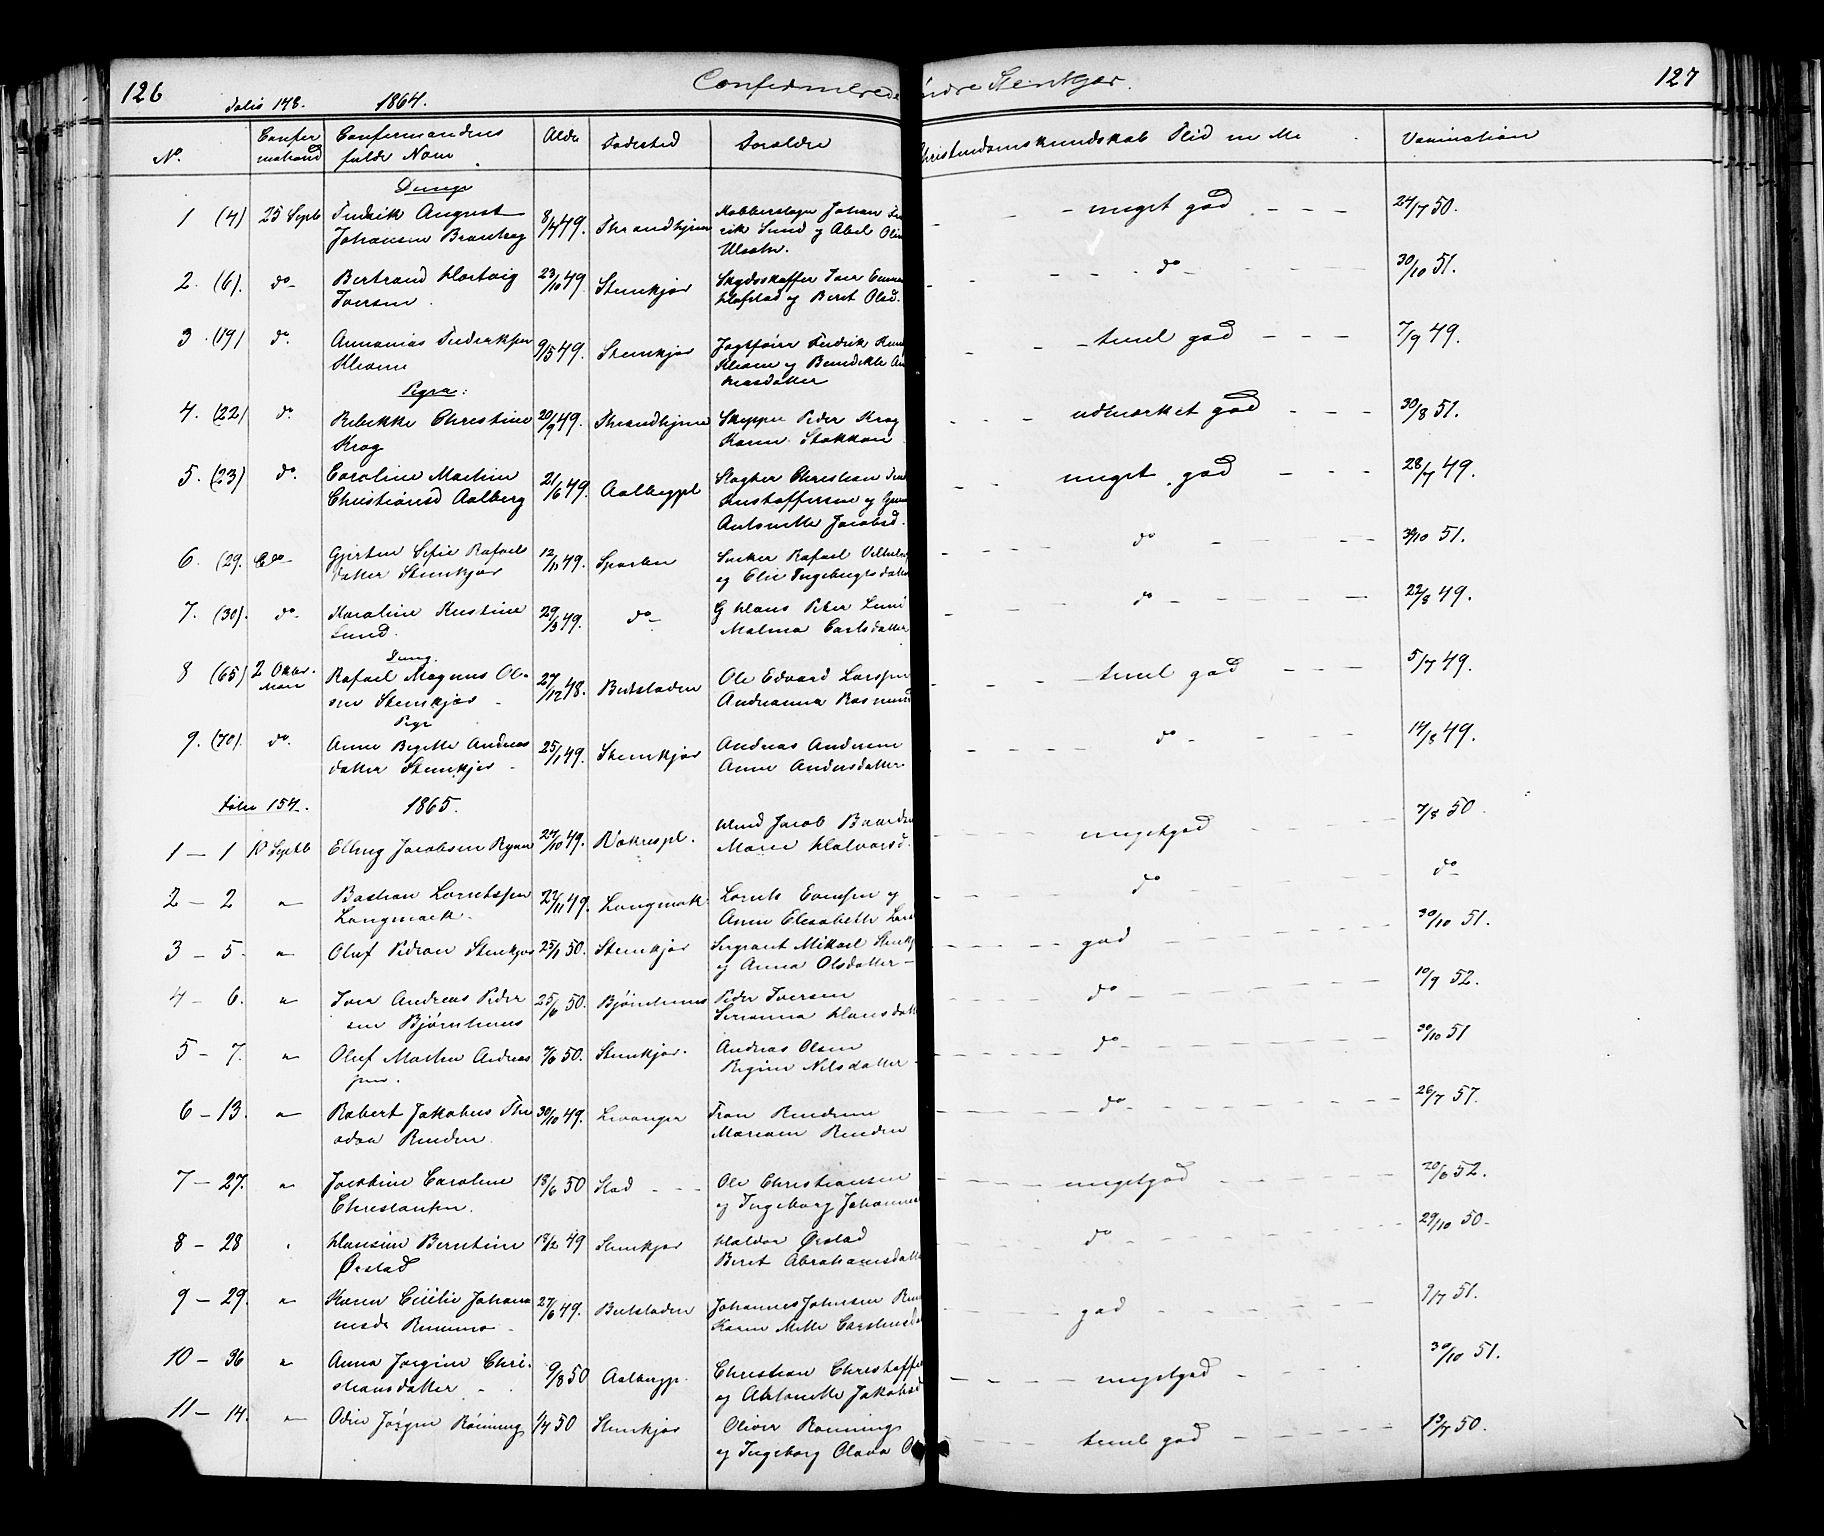 SAT, Ministerialprotokoller, klokkerbøker og fødselsregistre - Nord-Trøndelag, 739/L0367: Ministerialbok nr. 739A01 /1, 1838-1868, s. 126-127